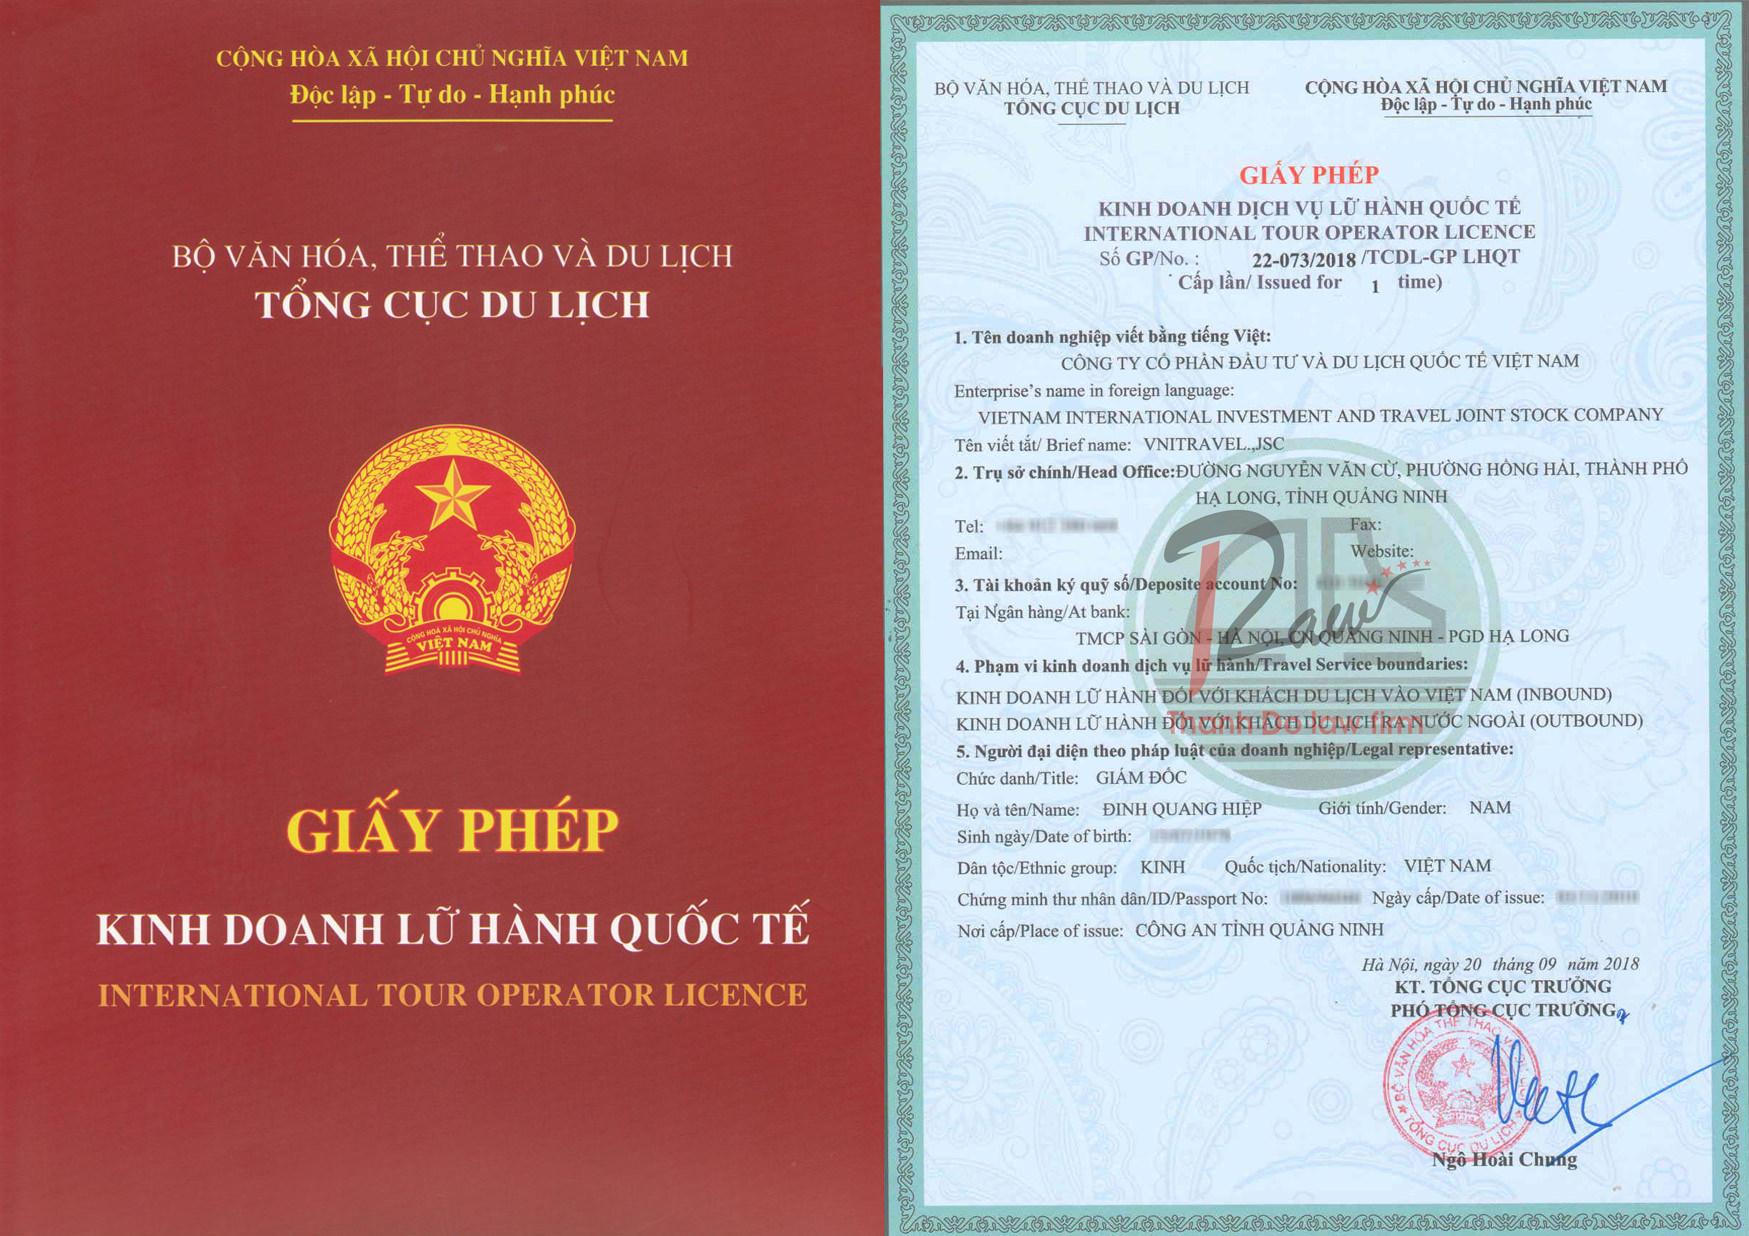 giấy phép kinh doanh lữ hành quốc tế